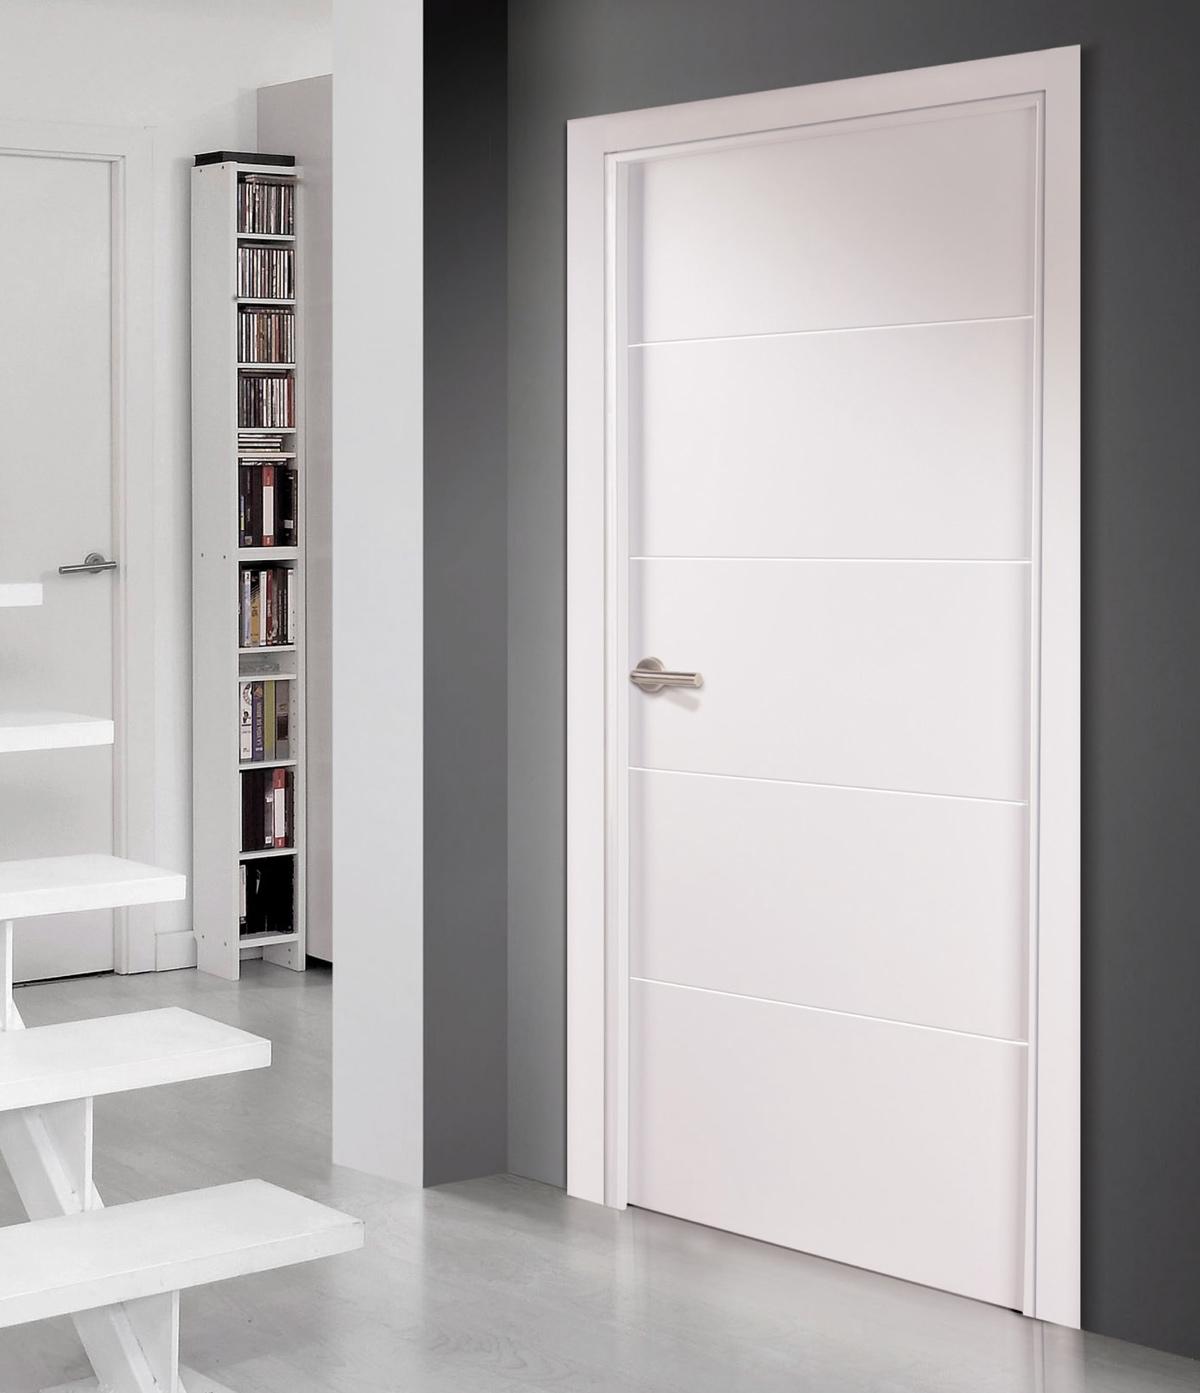 Combinar puertas blancas - puertaslacadas.es